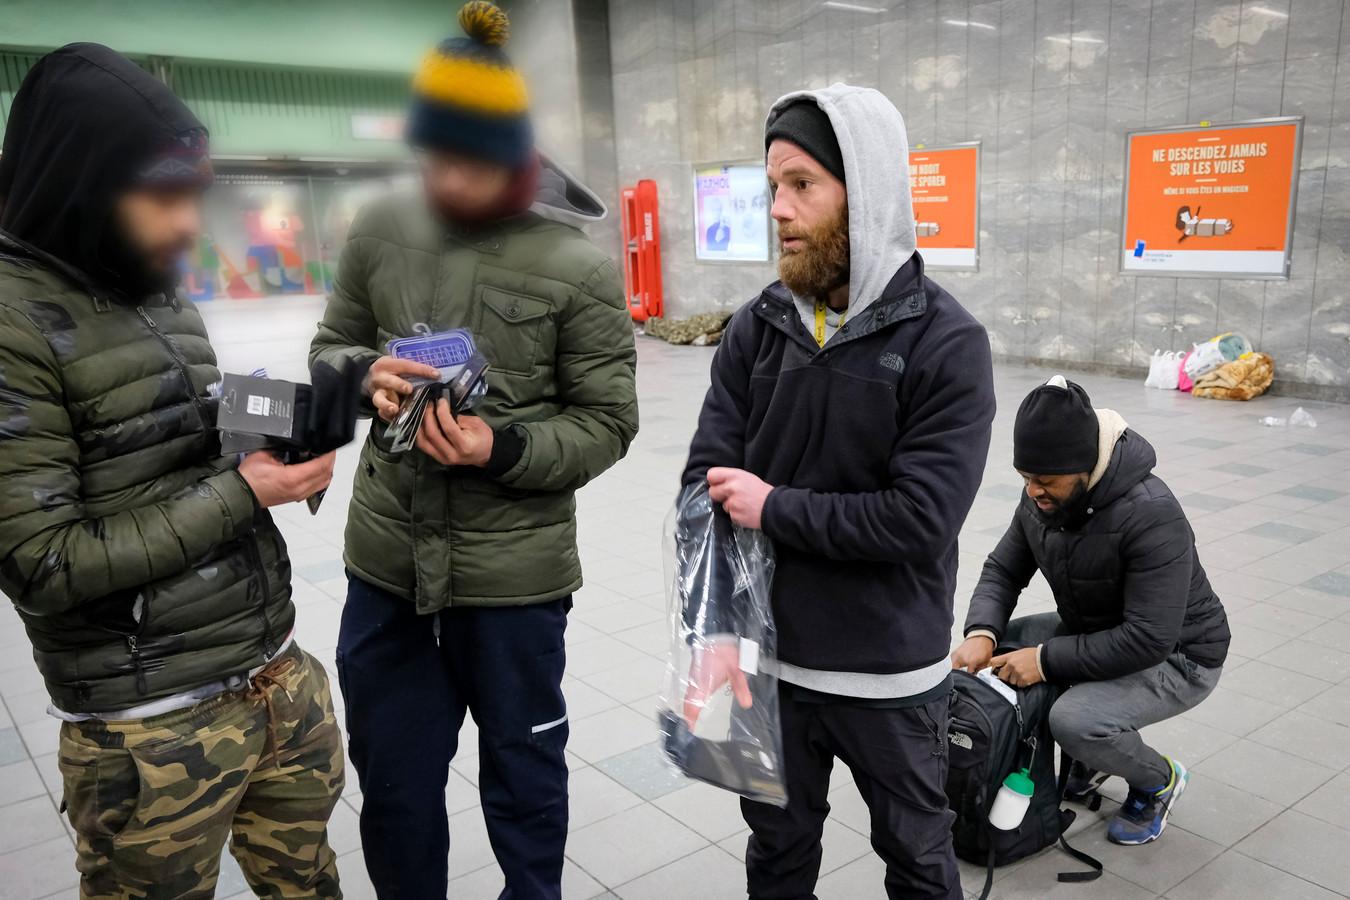 Romain en Arnol geven sokken aan daklozen in het metrostation.